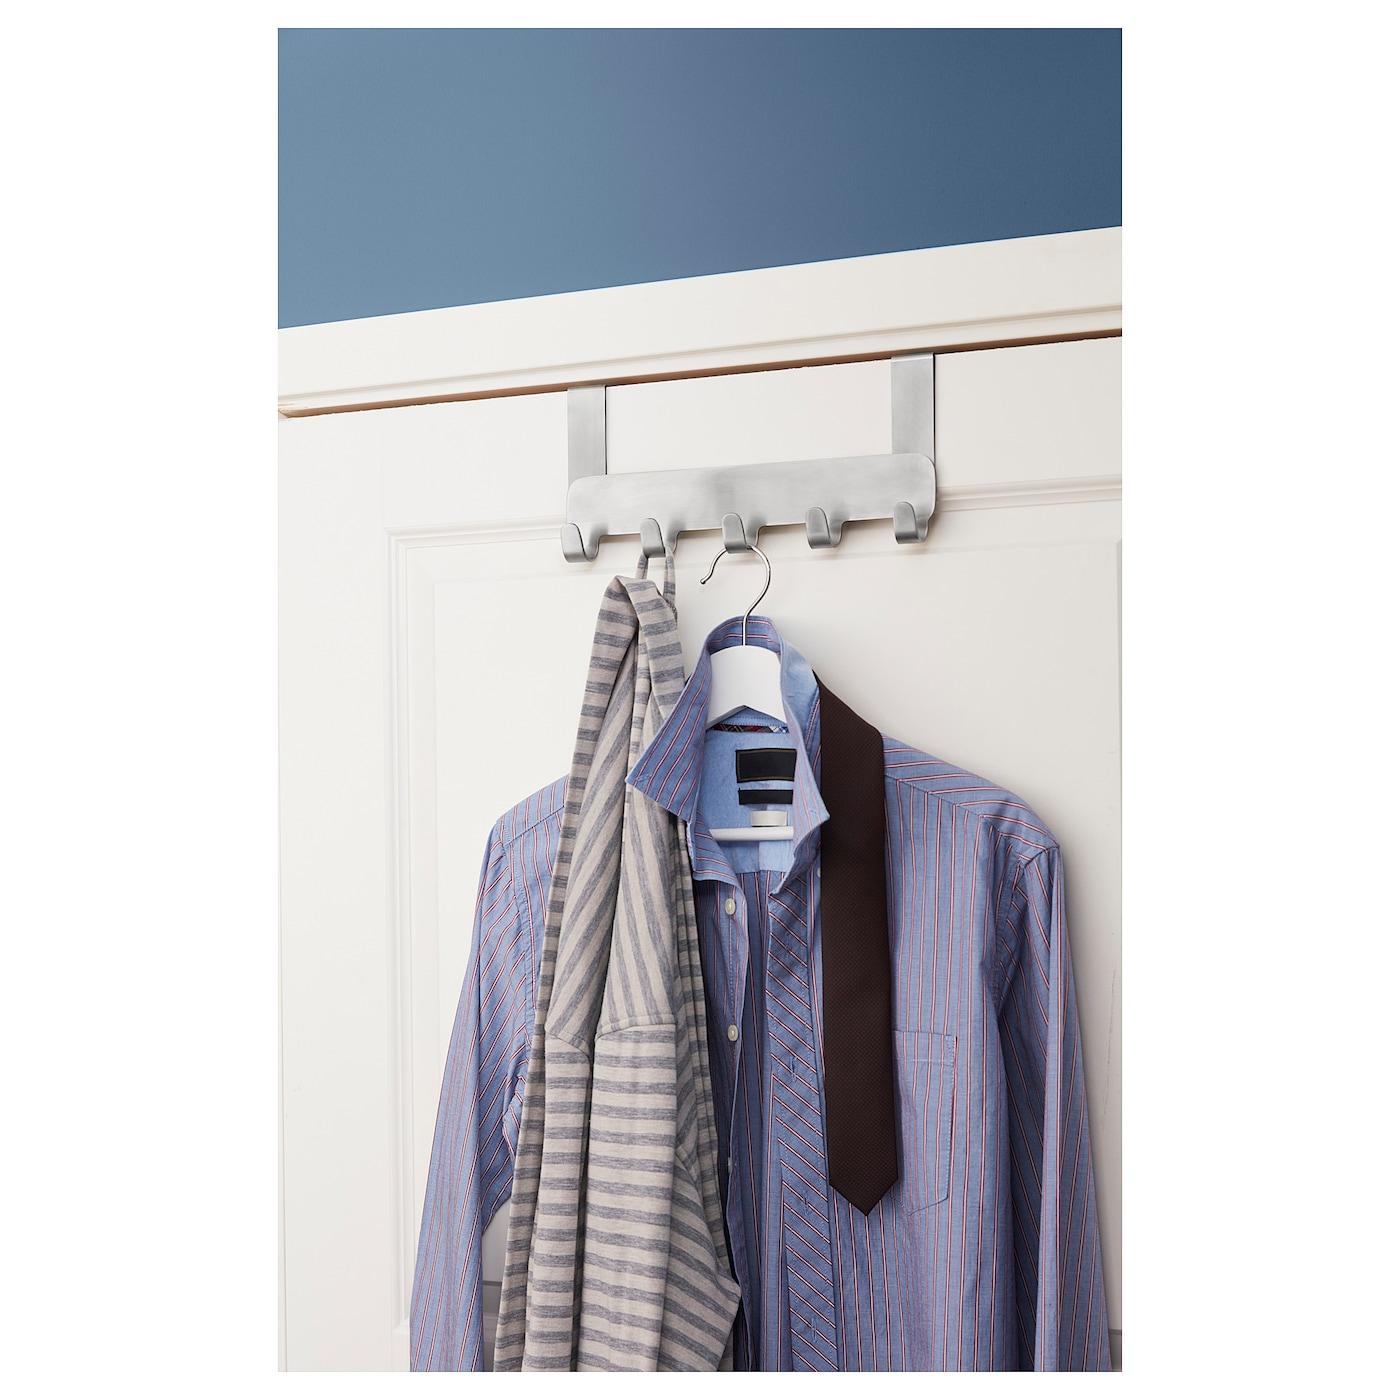 """BROGRUND hanger for door stainless steel 1 ½ """" 11 ½ """" 5 ½ """""""